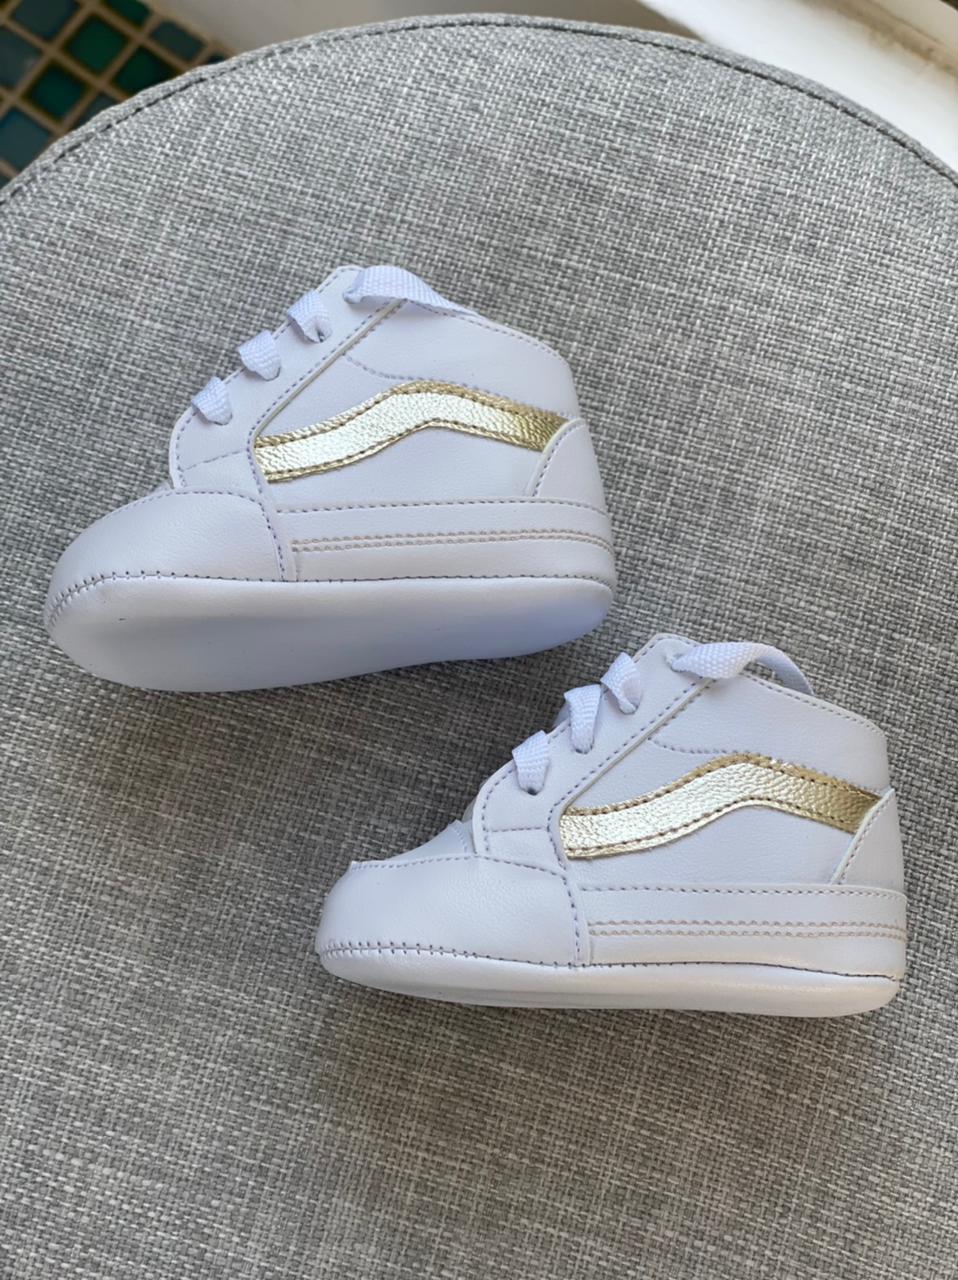 Tennis  Vans - Branco com Dourado